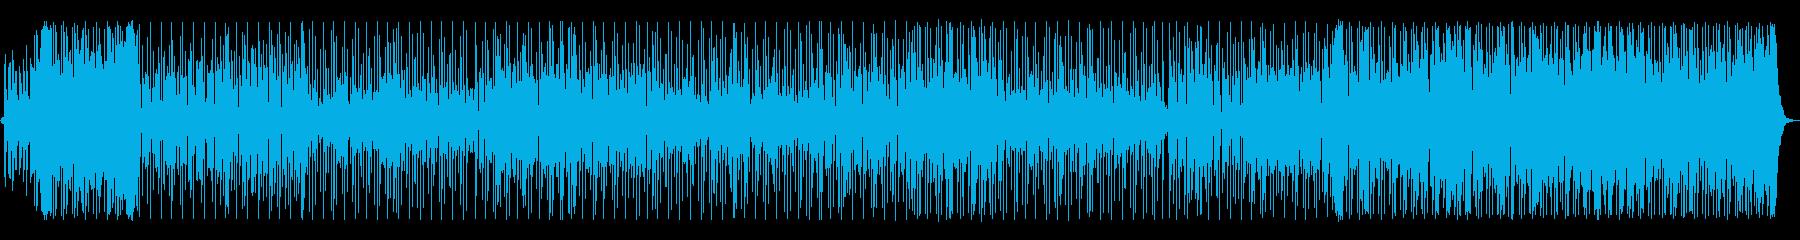 南国の爽やかなミドルテンポのレゲエ調の再生済みの波形